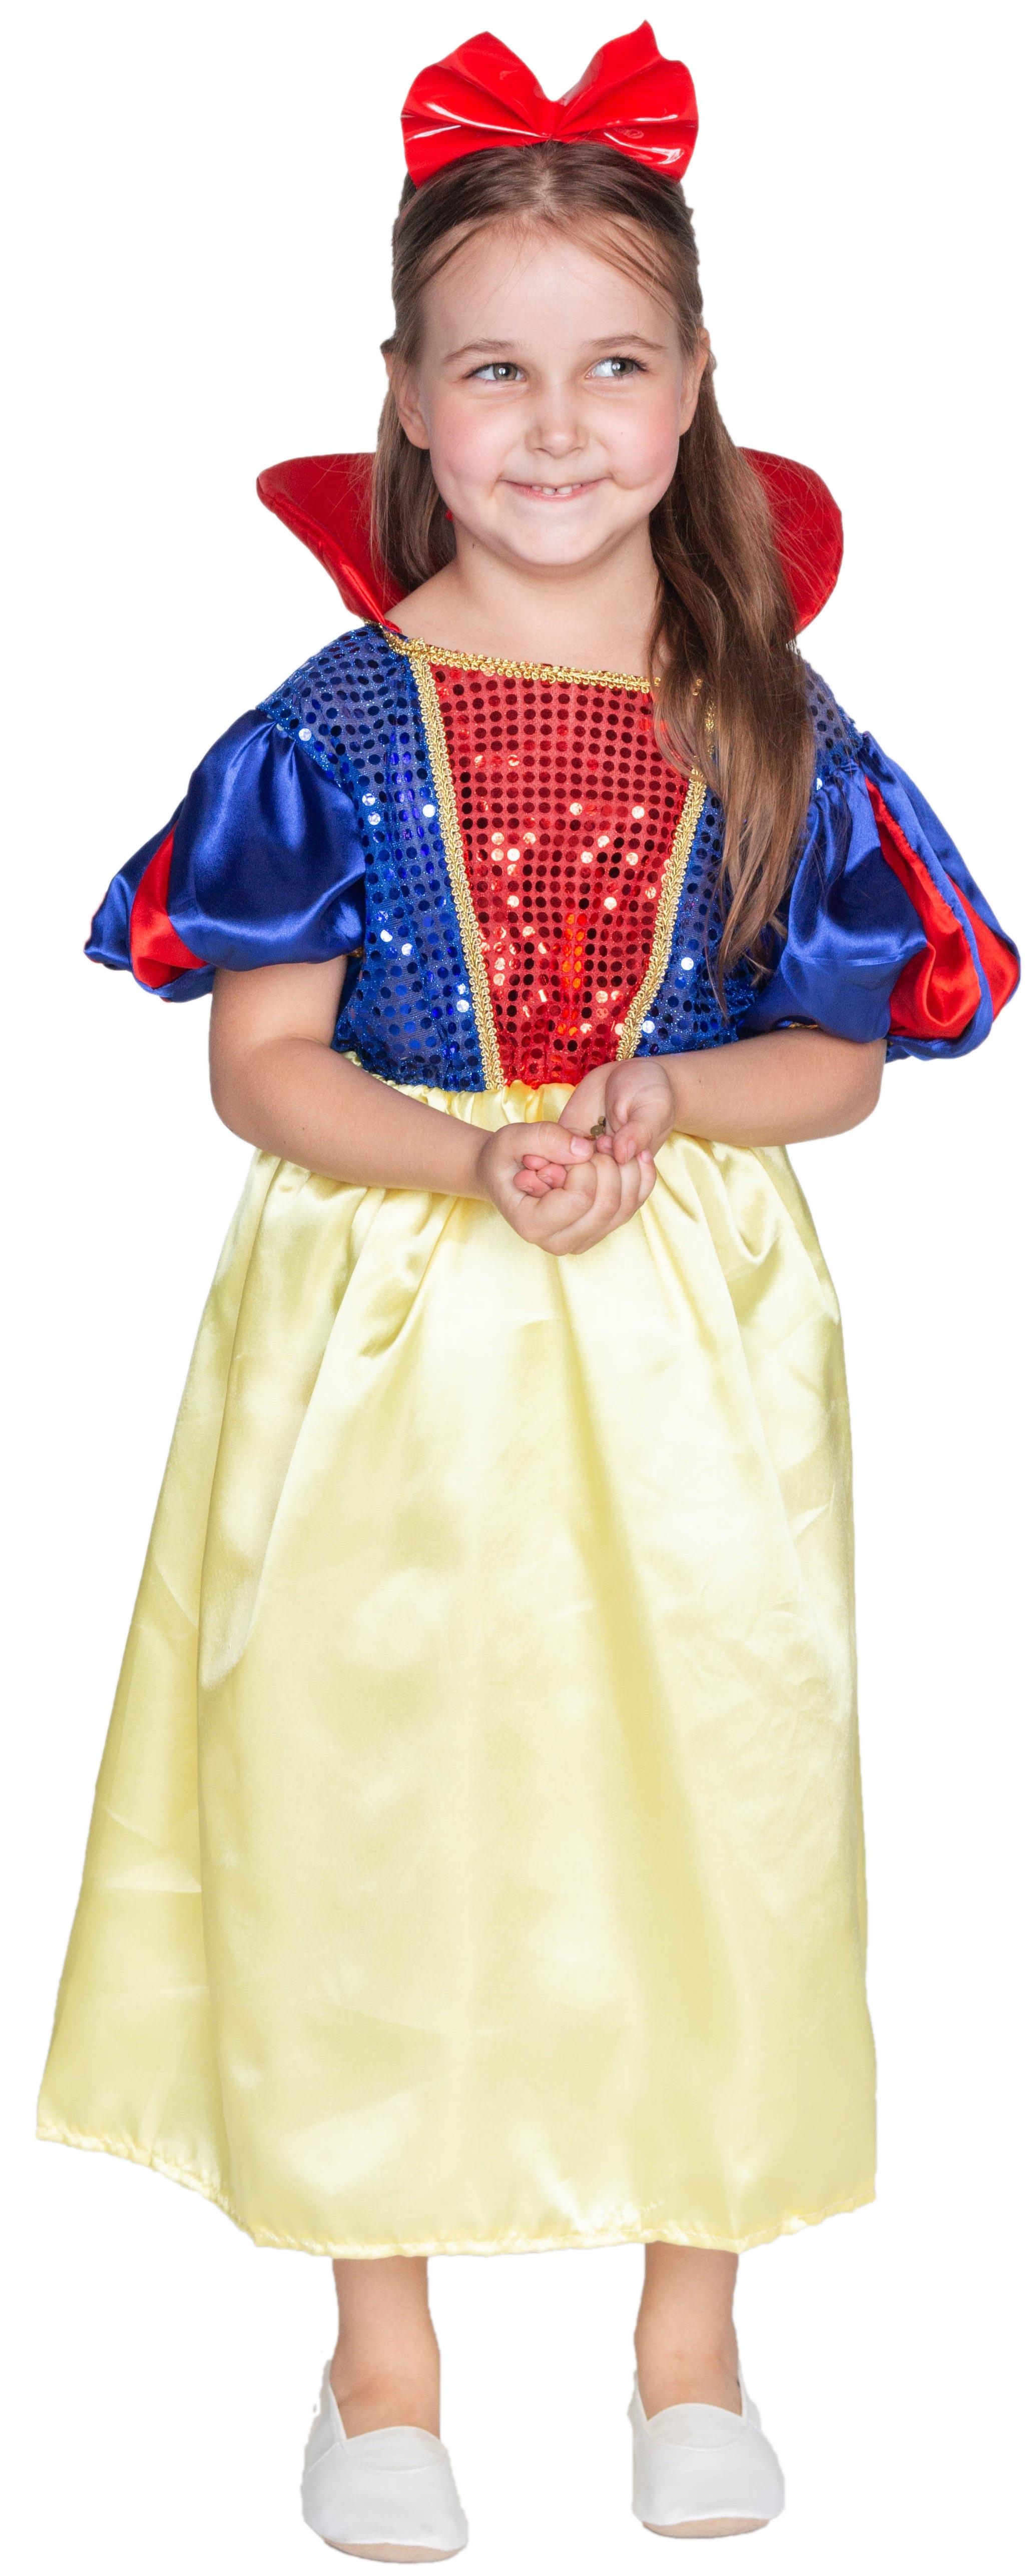 Костюм принцессы диснея Белоснежки (32) красный корсет с пайетками и юбкой 50 52